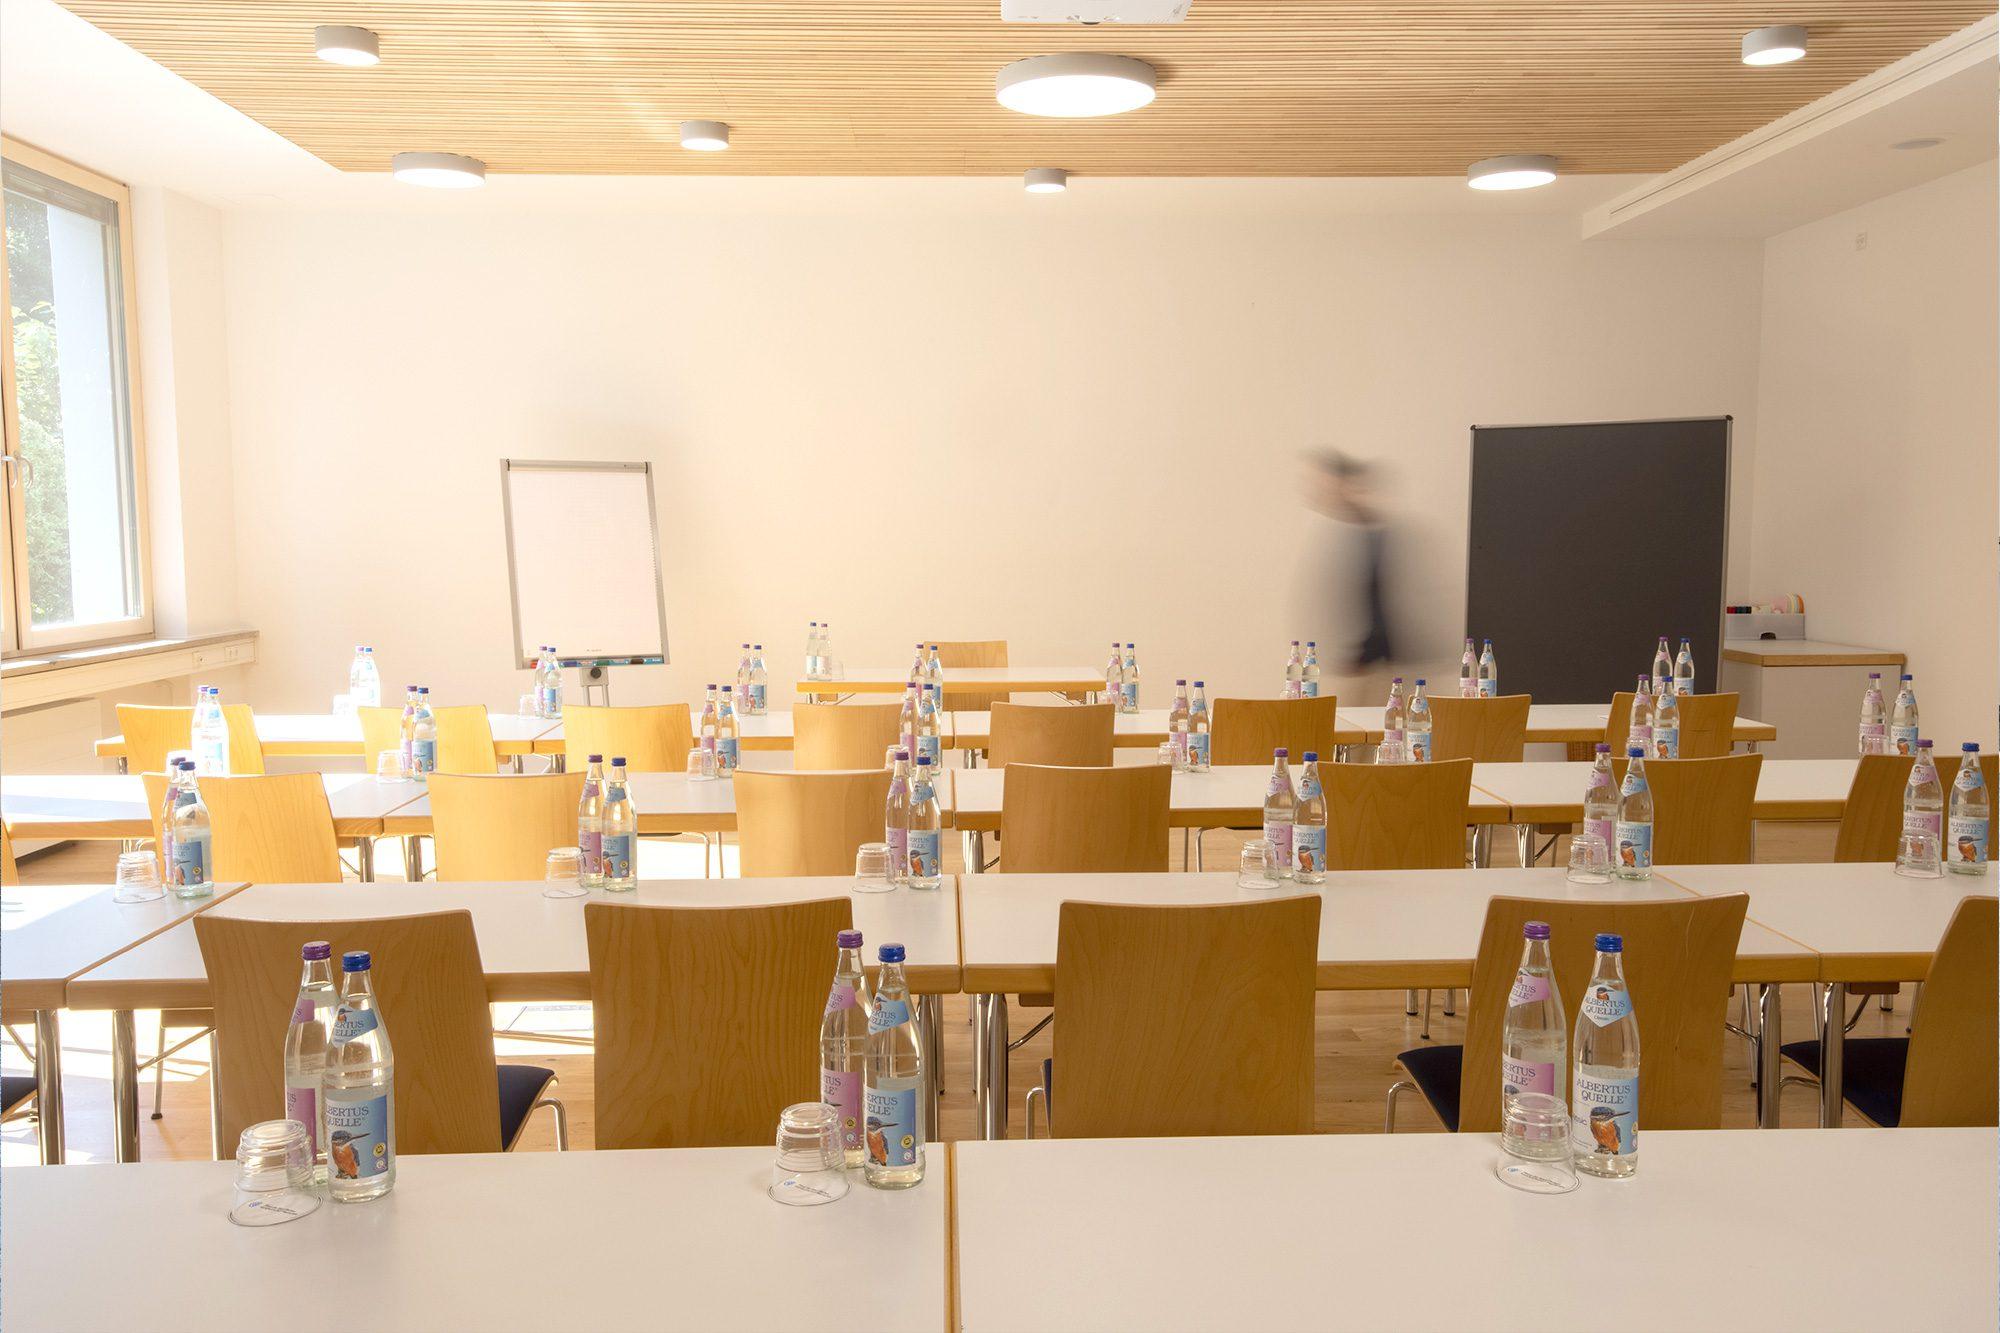 Seminarraum mit Stühlen, Flipchart, einer Pinnwand und Wasserflaschen inkl. Gläsern auf den Tischen